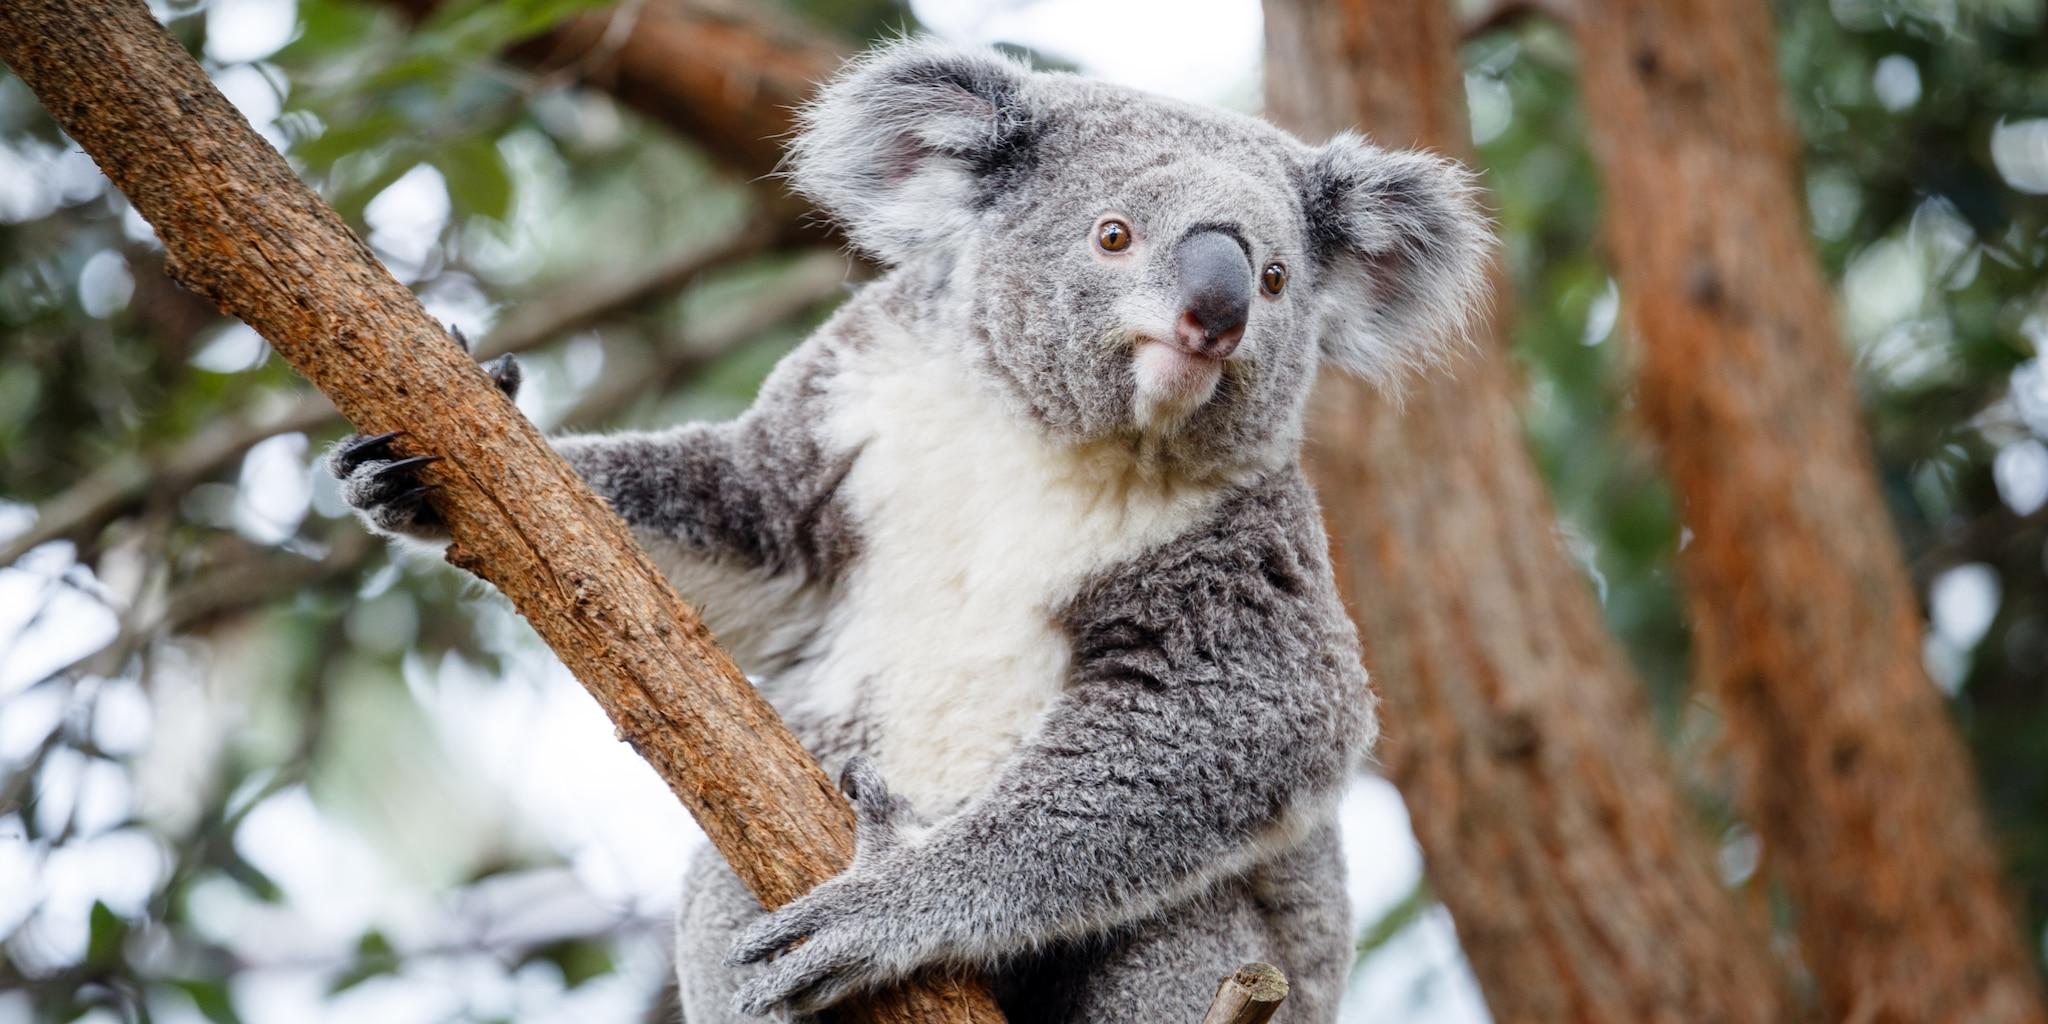 A koala bear in a tree